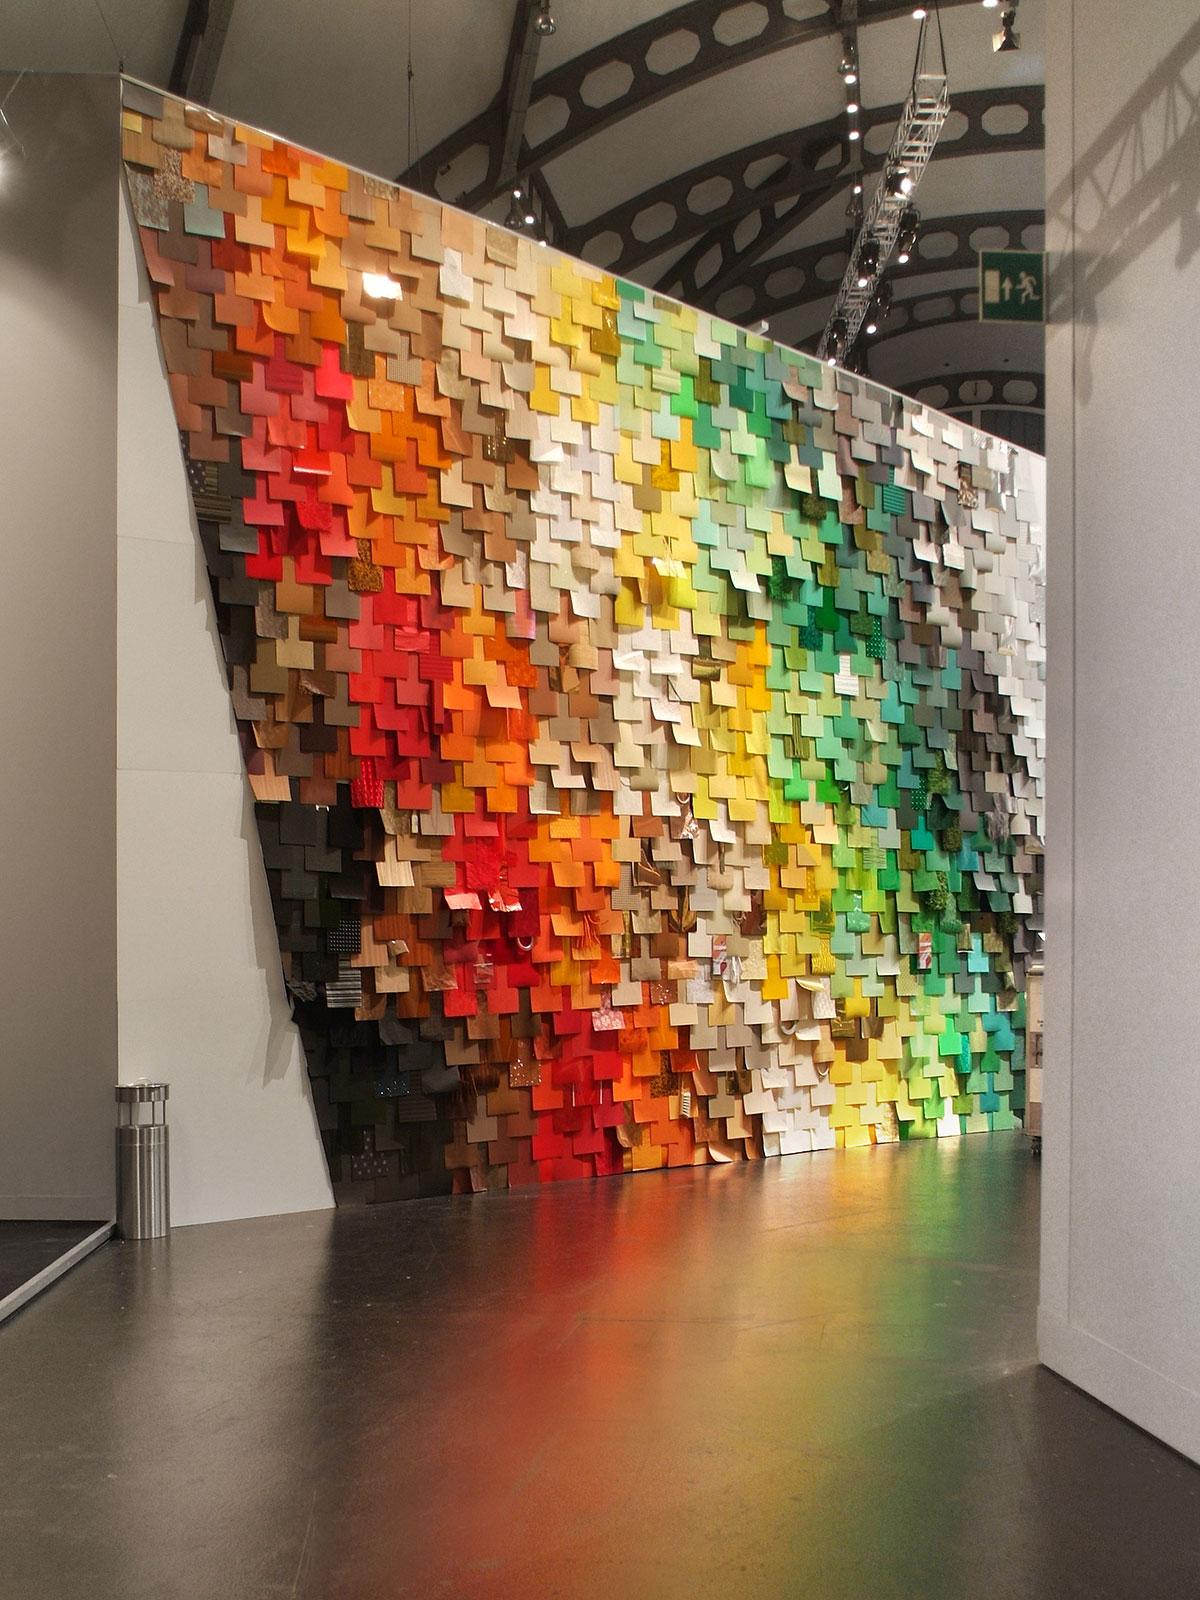 modulor-material-total-messe-detail-wand-bunt-color-kreative-berlin